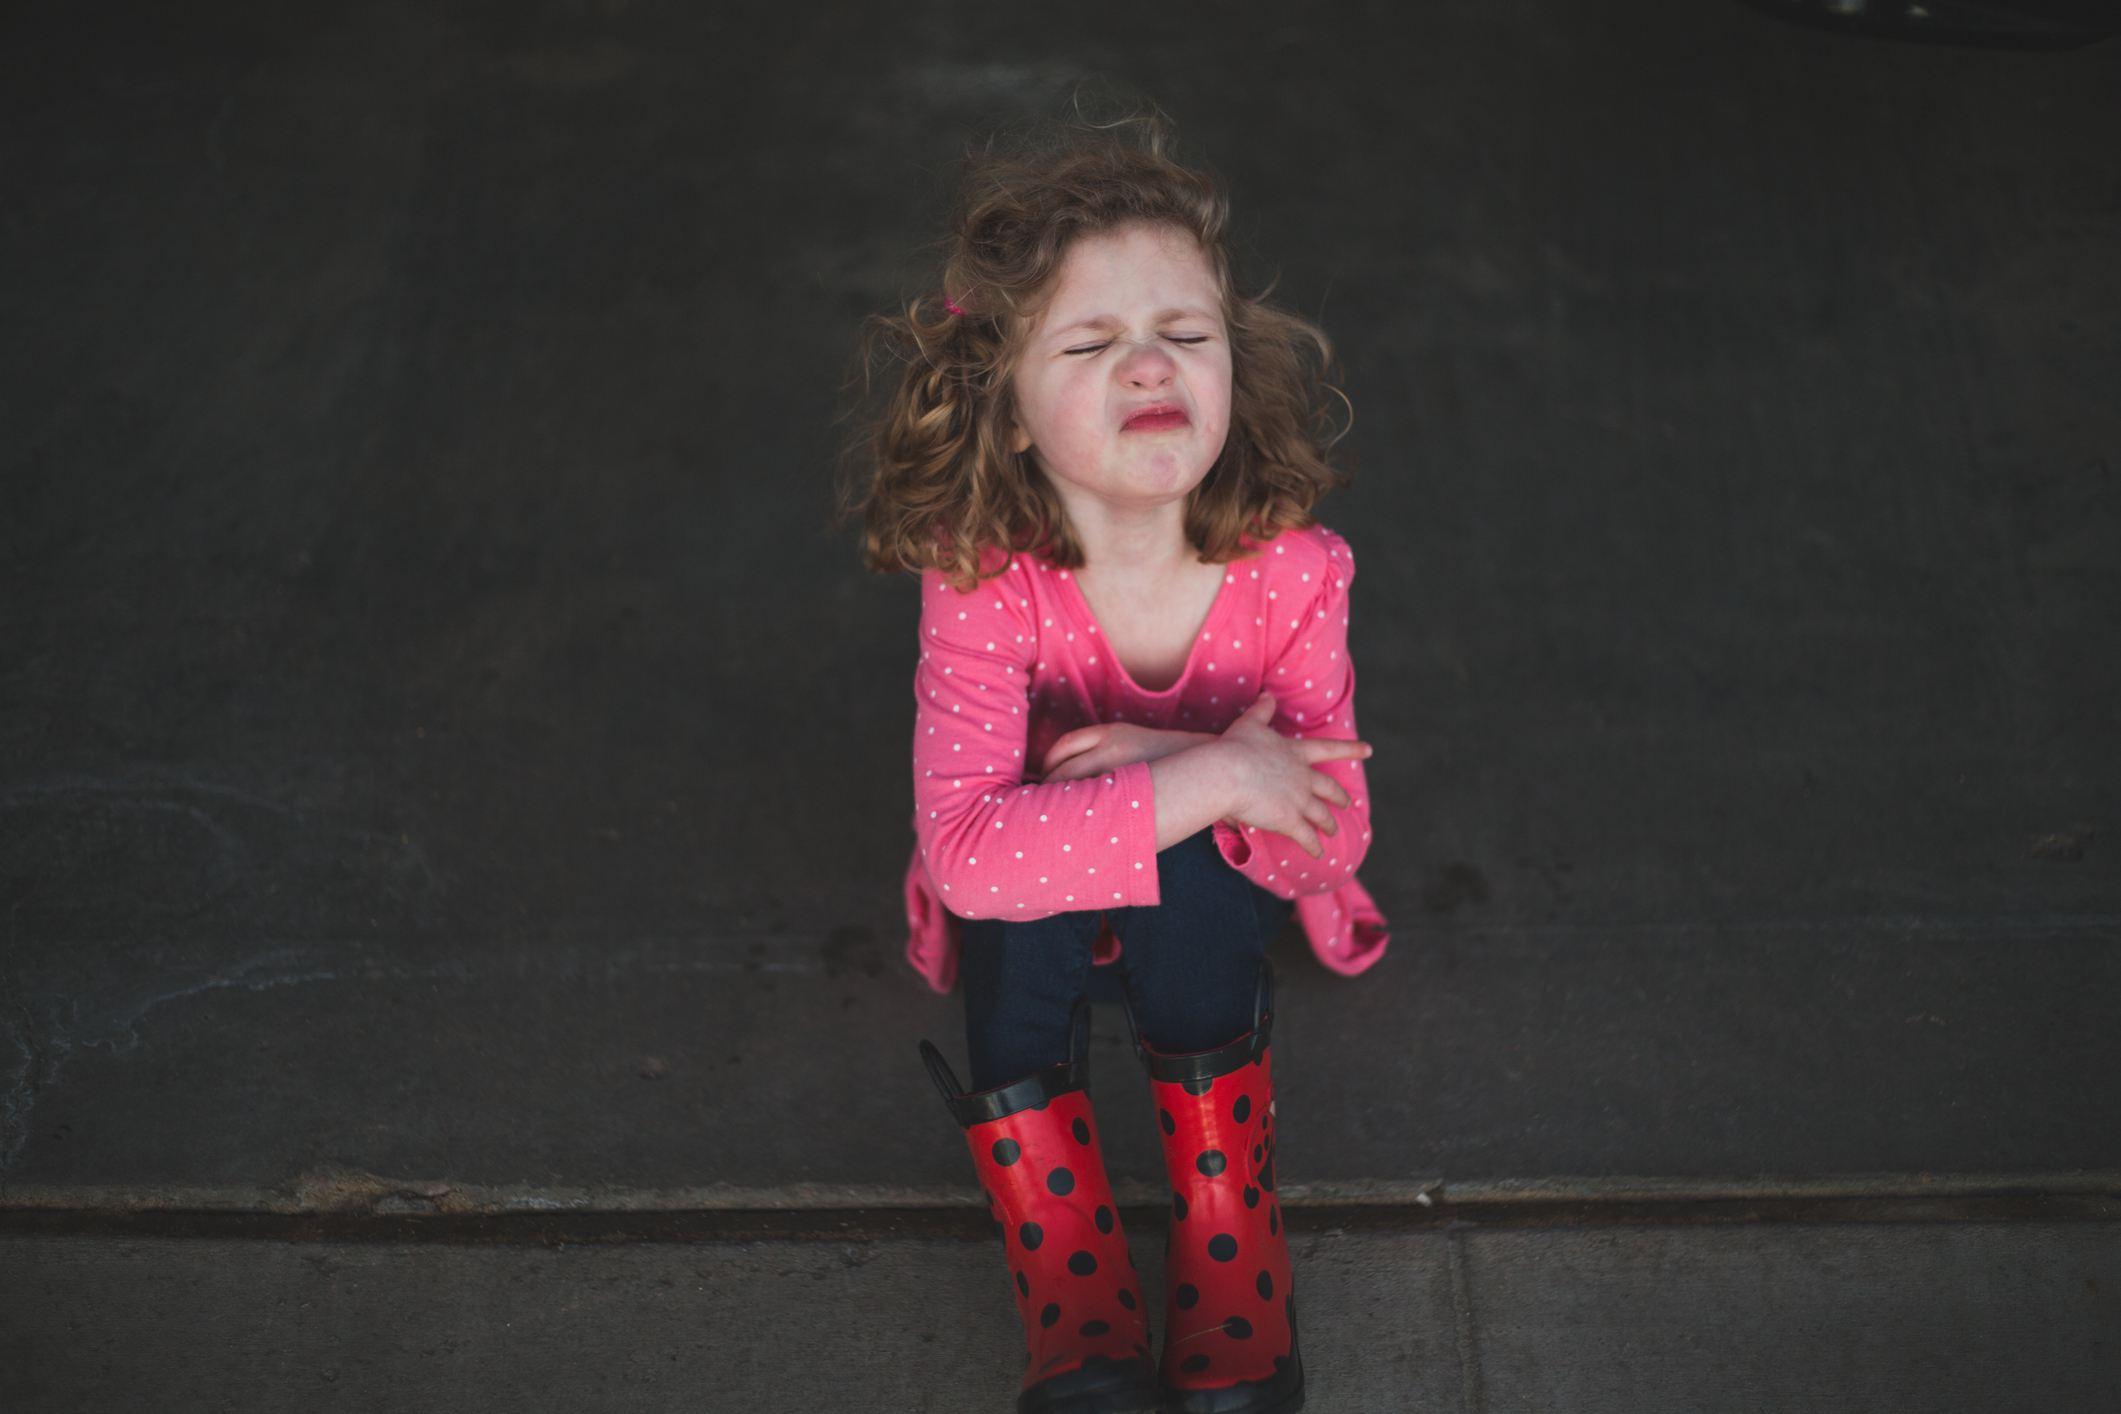 Denken Sie zweimal, bevor die Eltern der 'frechen' Kind zu urteilen.